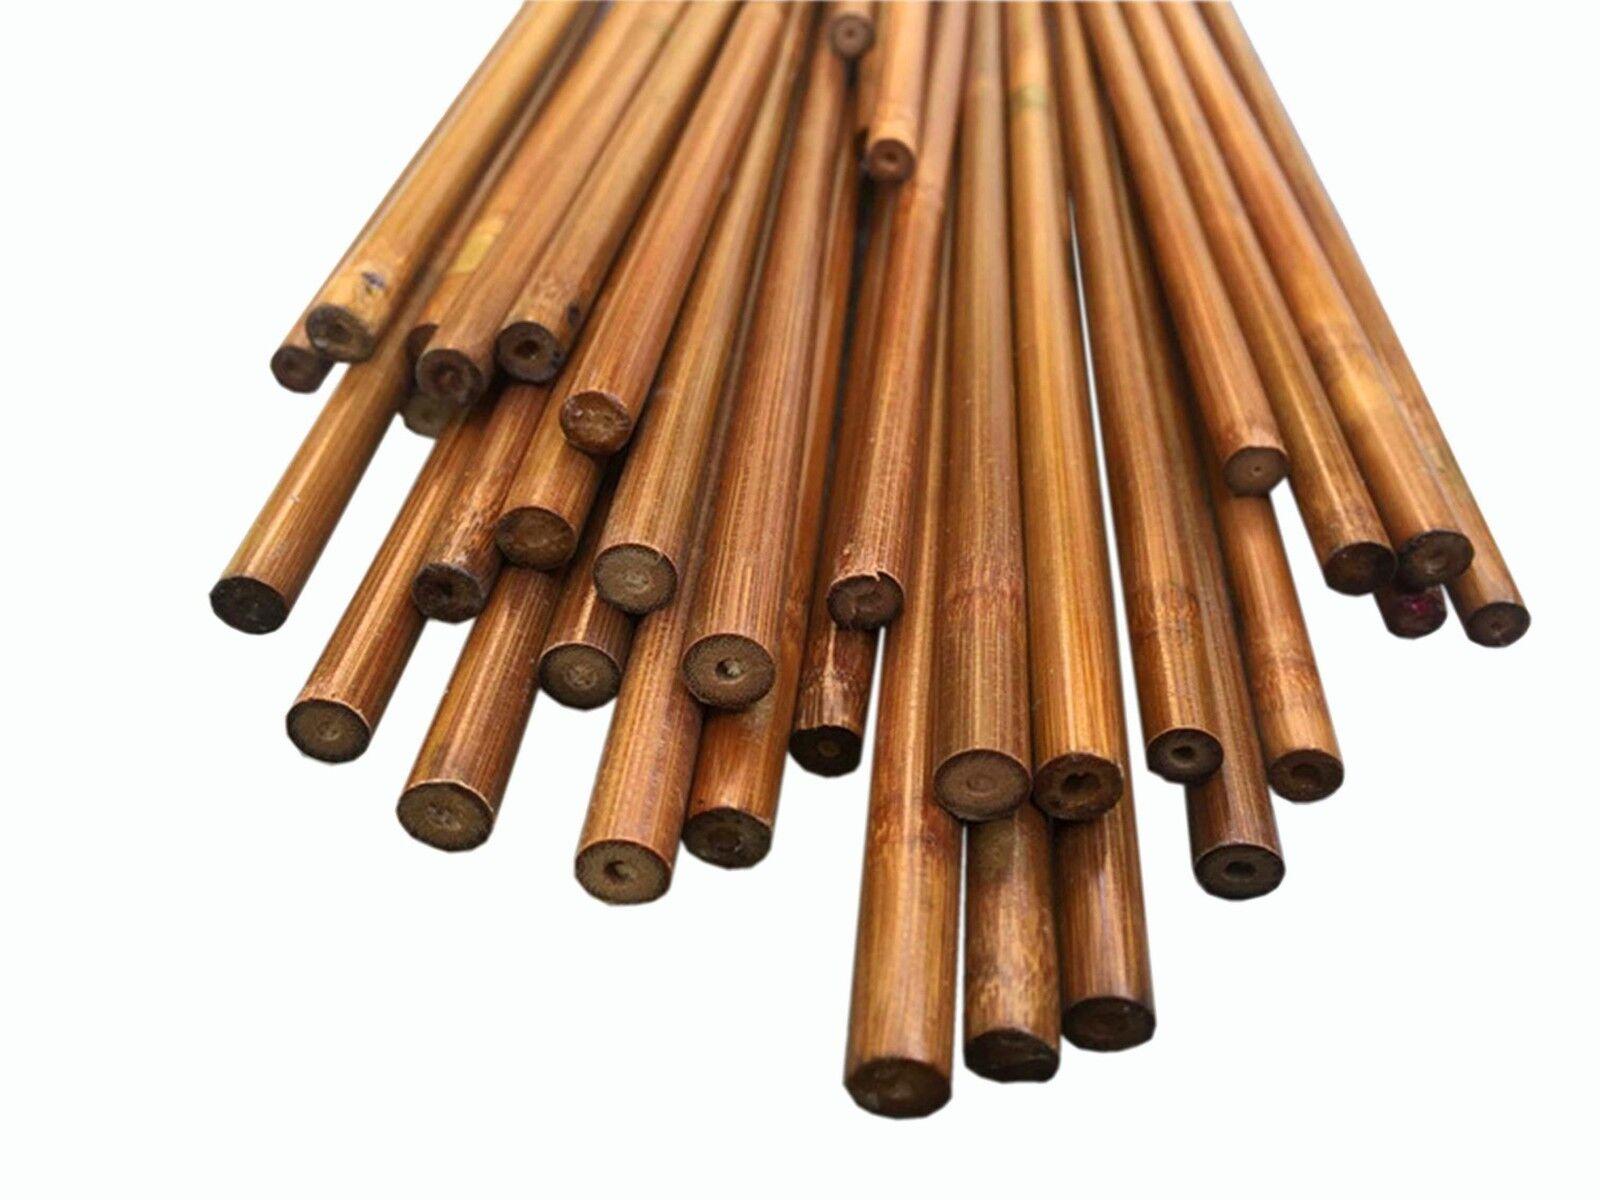 100 un. 39  (100 Cm) 60-65  Eje de bambú de tiro con arco Flecha de bambú tradicionales no Nock